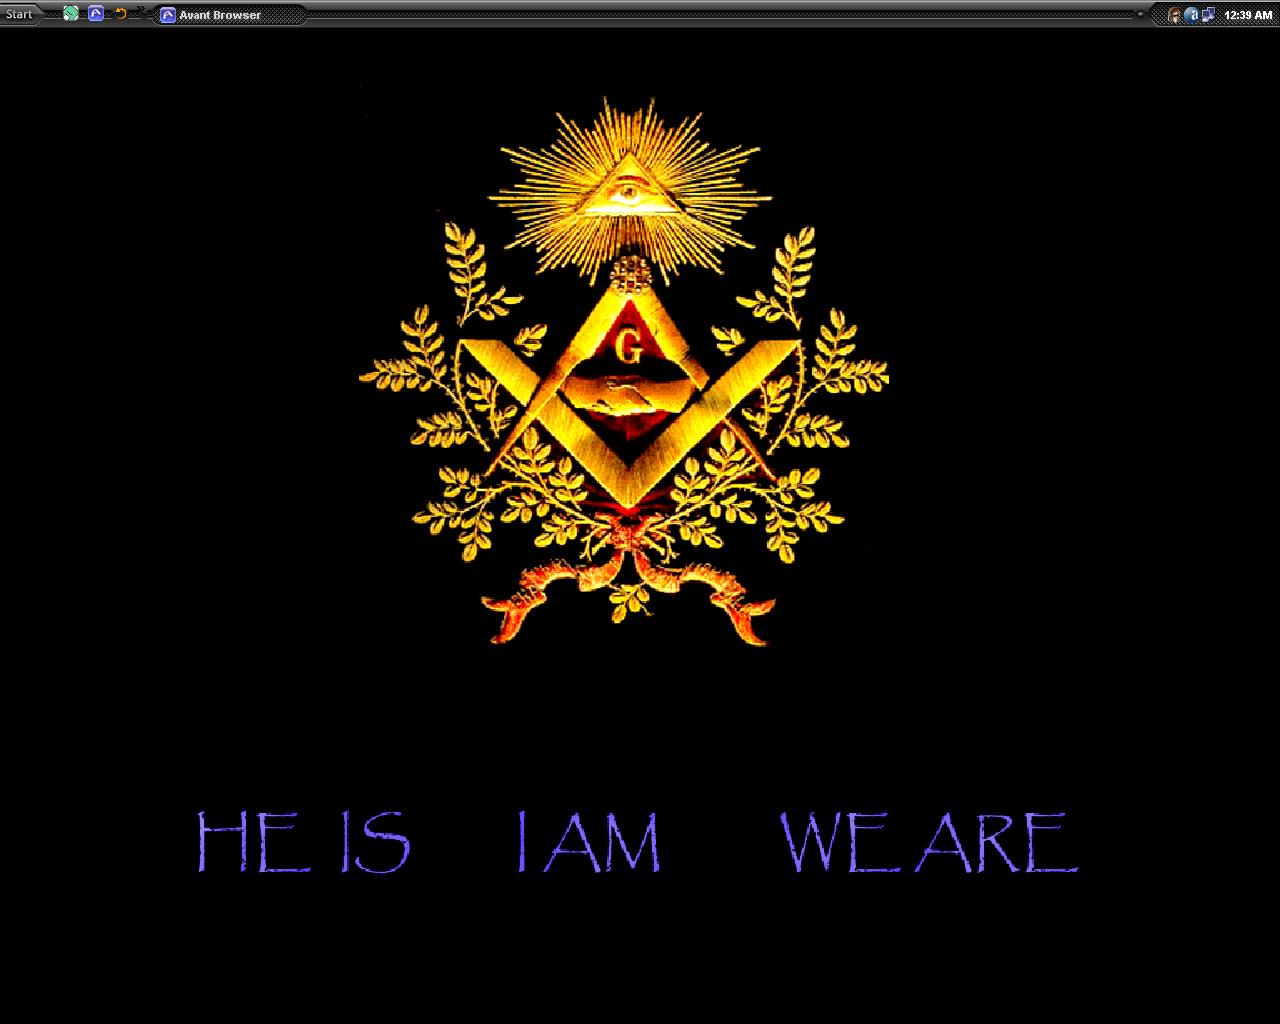 masonic wallpaper hd masonic source abuse report hd wallpapers masonic 1280x1024